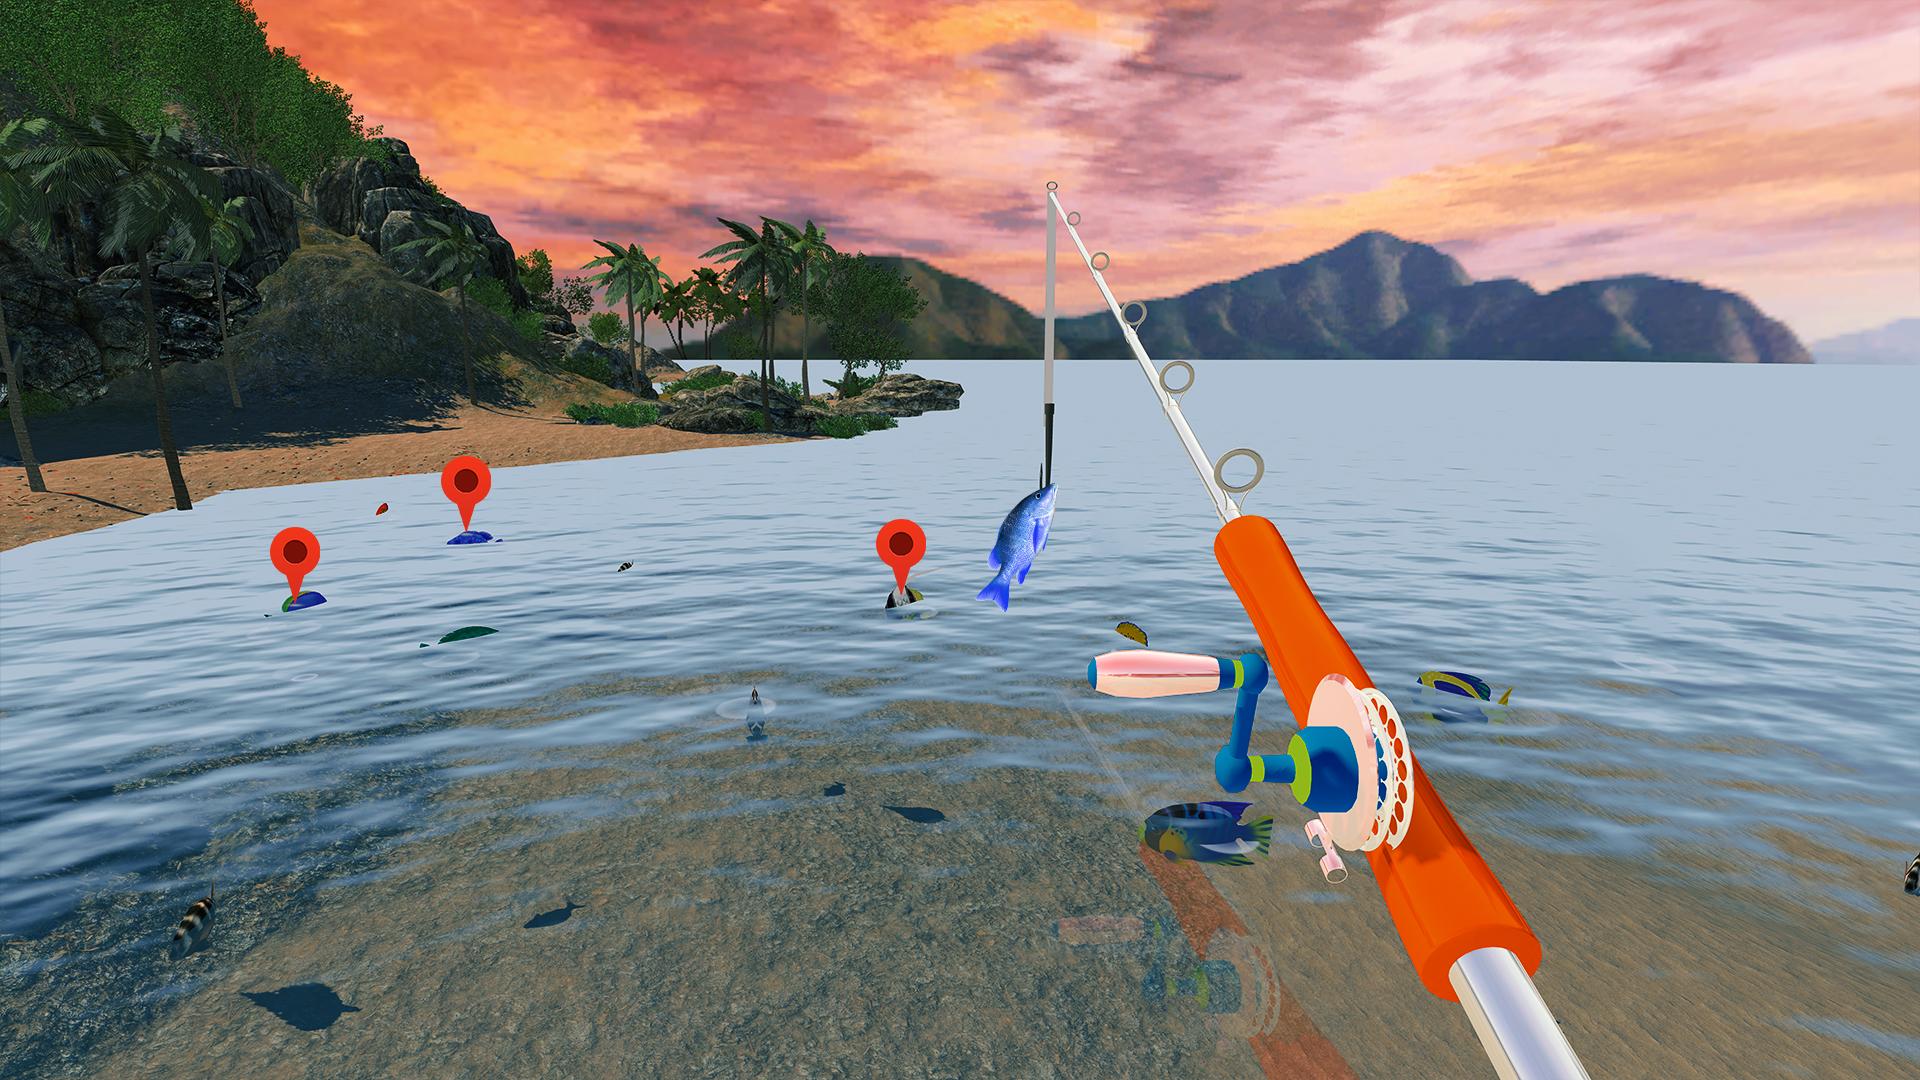 «карманная рыбалка» разработана компанией «пейджнэт» (pagenet), и на момент написания этого обзора игру установило более полумиллиона человек.